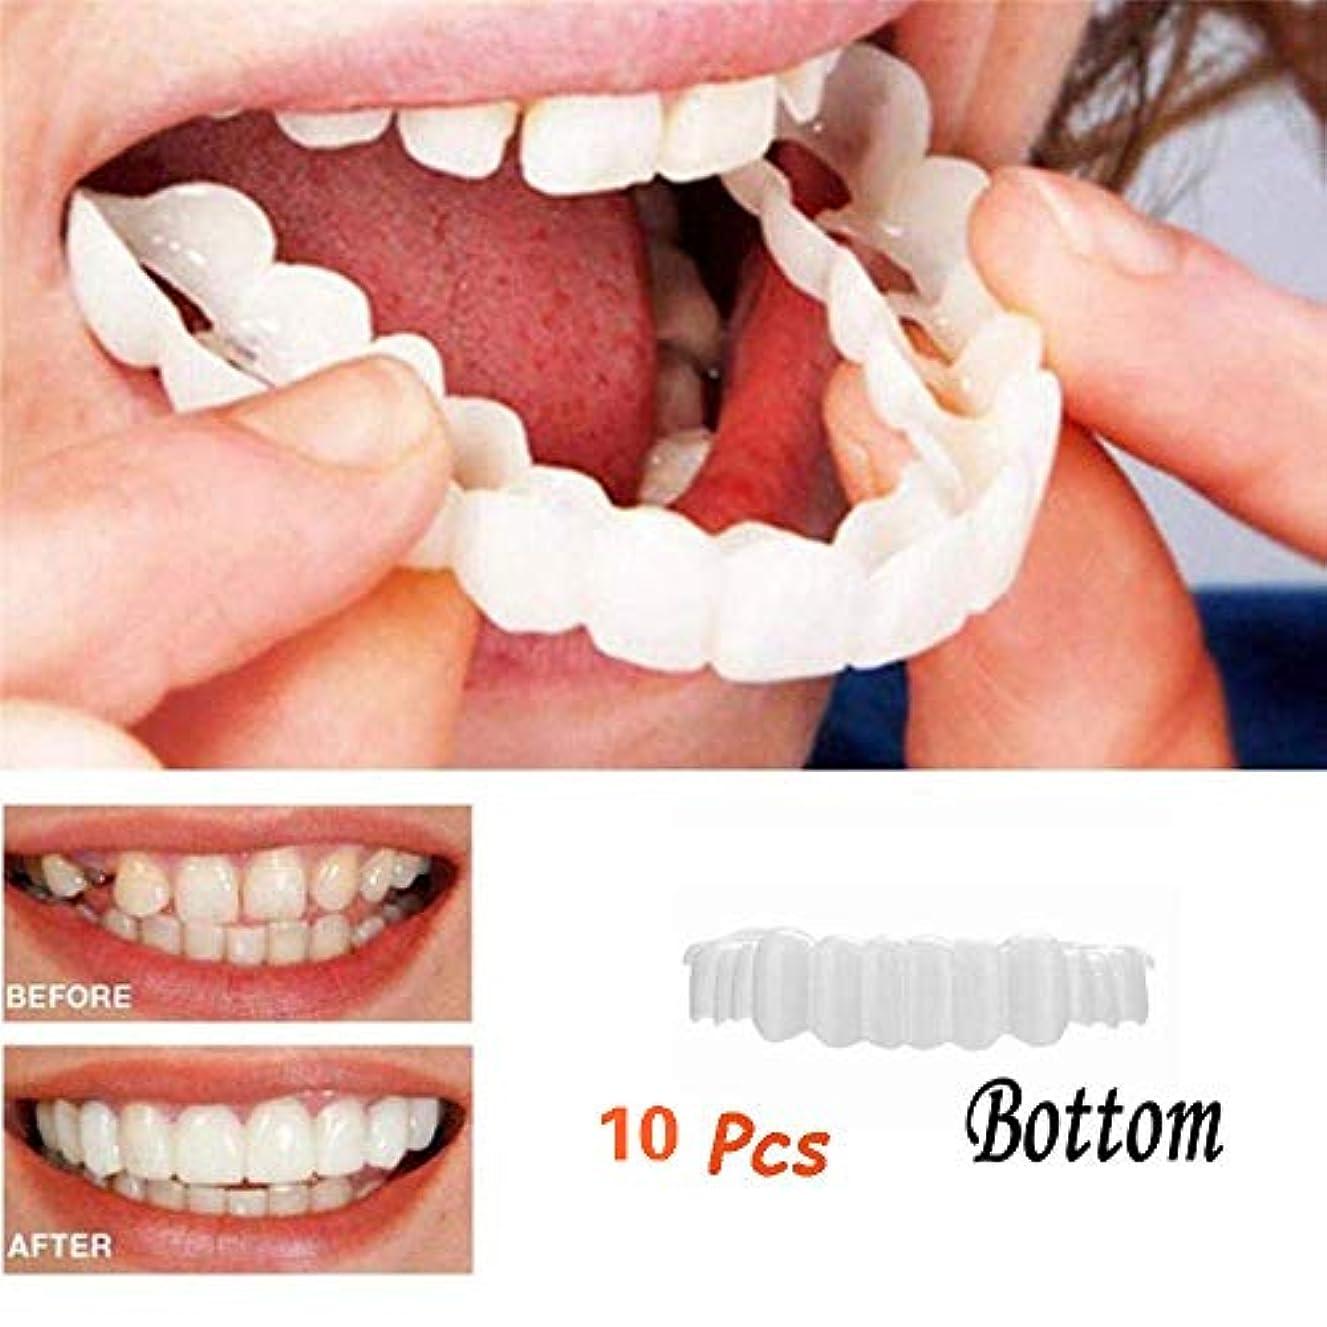 集まるロボット出席する10ピース化粧品歯化粧品歯科スナップインスタントパーフェクトスマイルコンフォートフィットフレックス歯白い歯カバーフィットほとんどの偽底歯